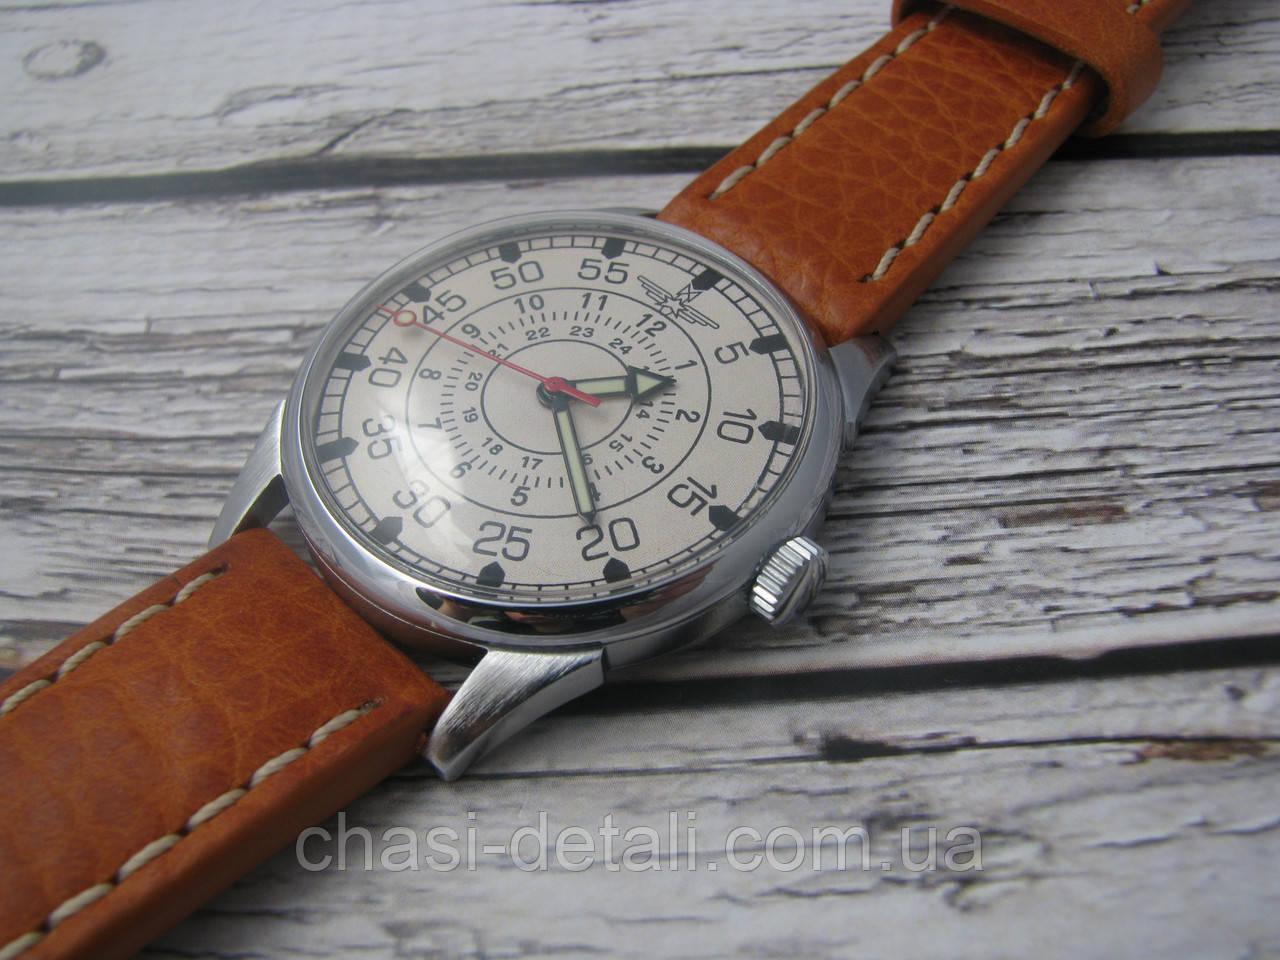 Часы Восток, наручные часы. Механизм советский